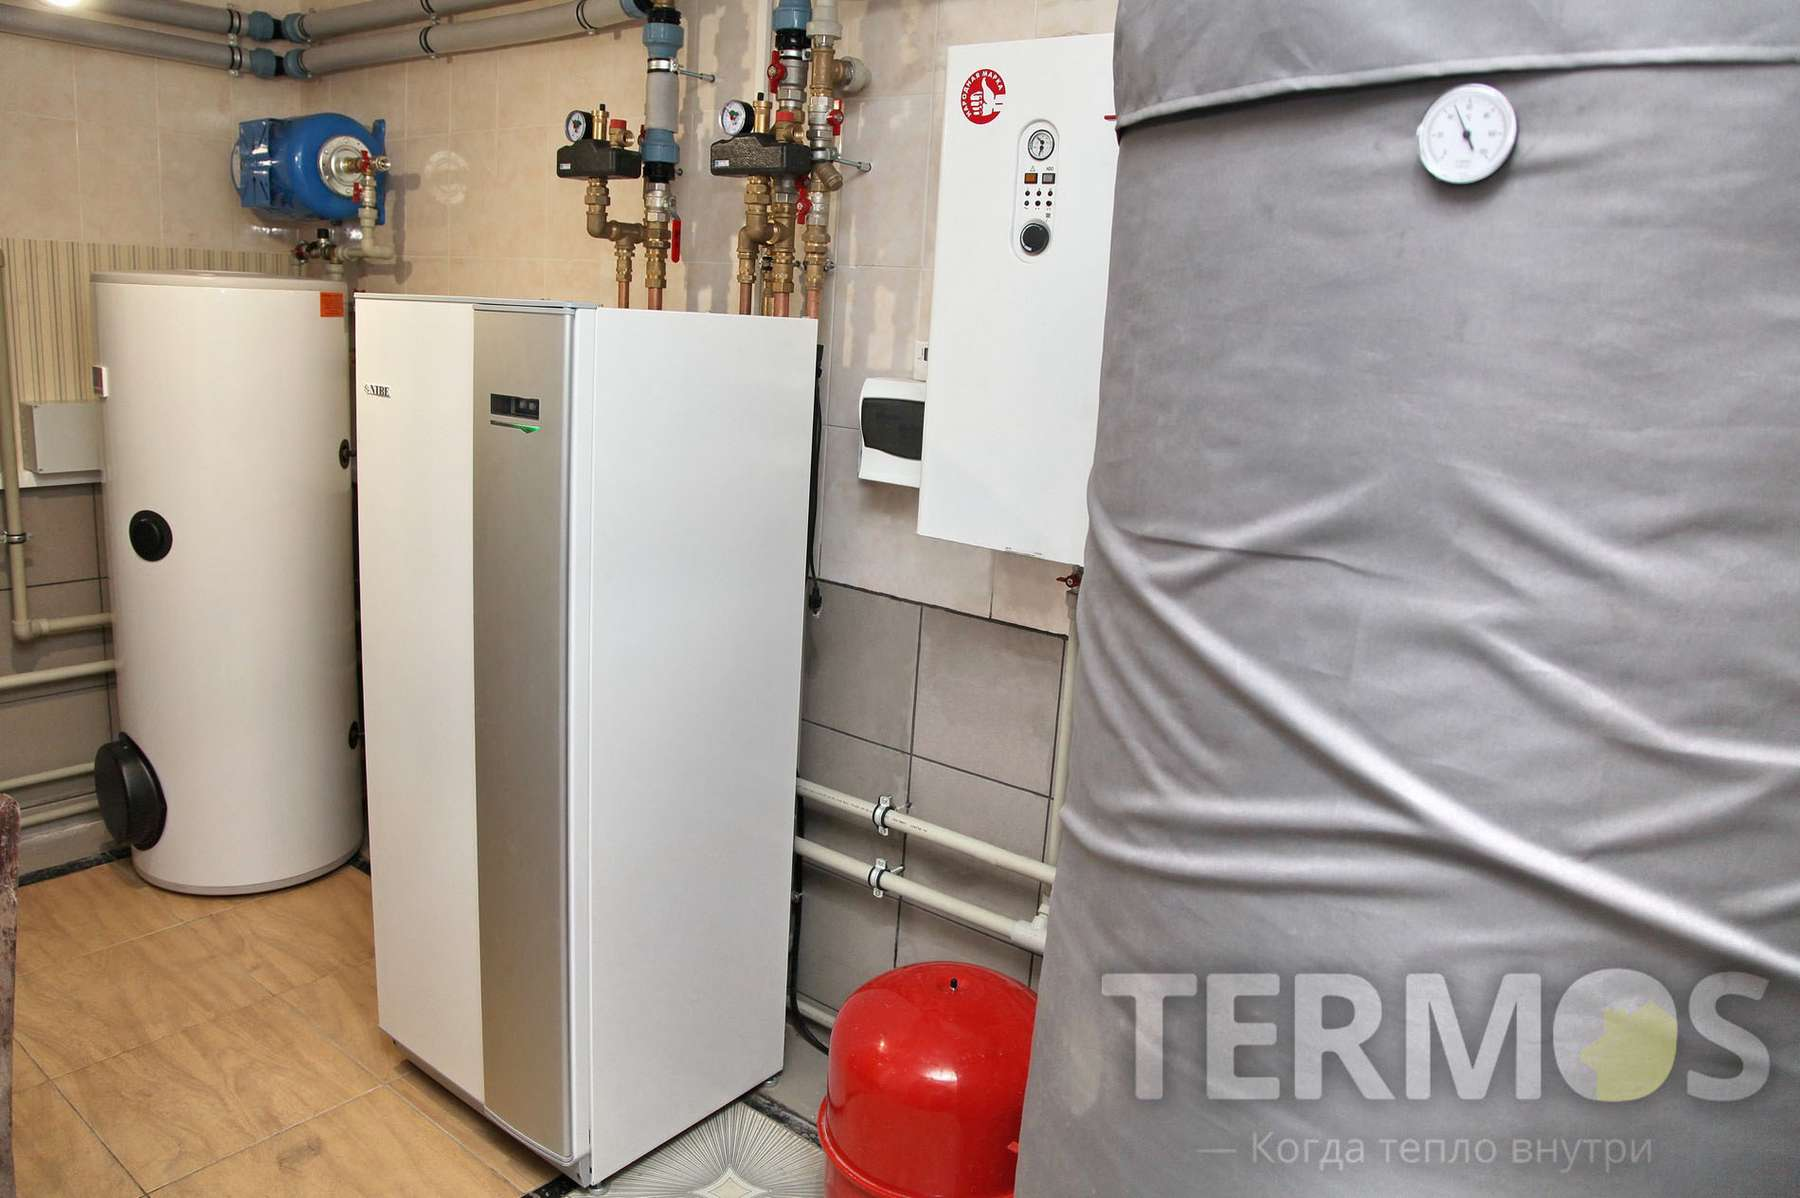 2016 год. Киев. Дом 250 кв м. Mодернизация системы отопления - замена газового котла на геотермальный тепловой насос NIBE (Швеция) 12 кВт